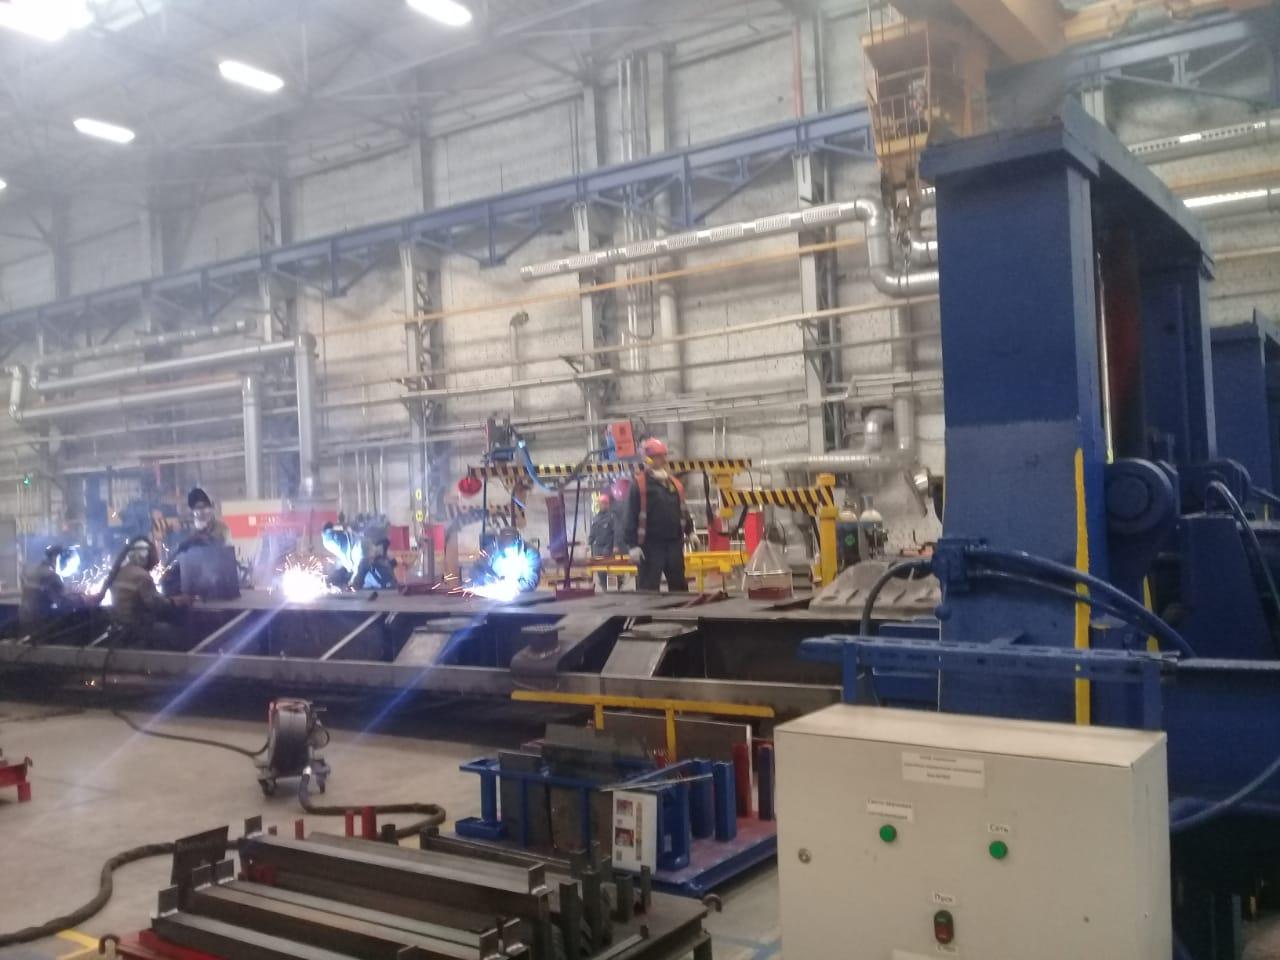 جولة لليوم السابع بمصنع جرارات السكة الحديد الروسى (33)